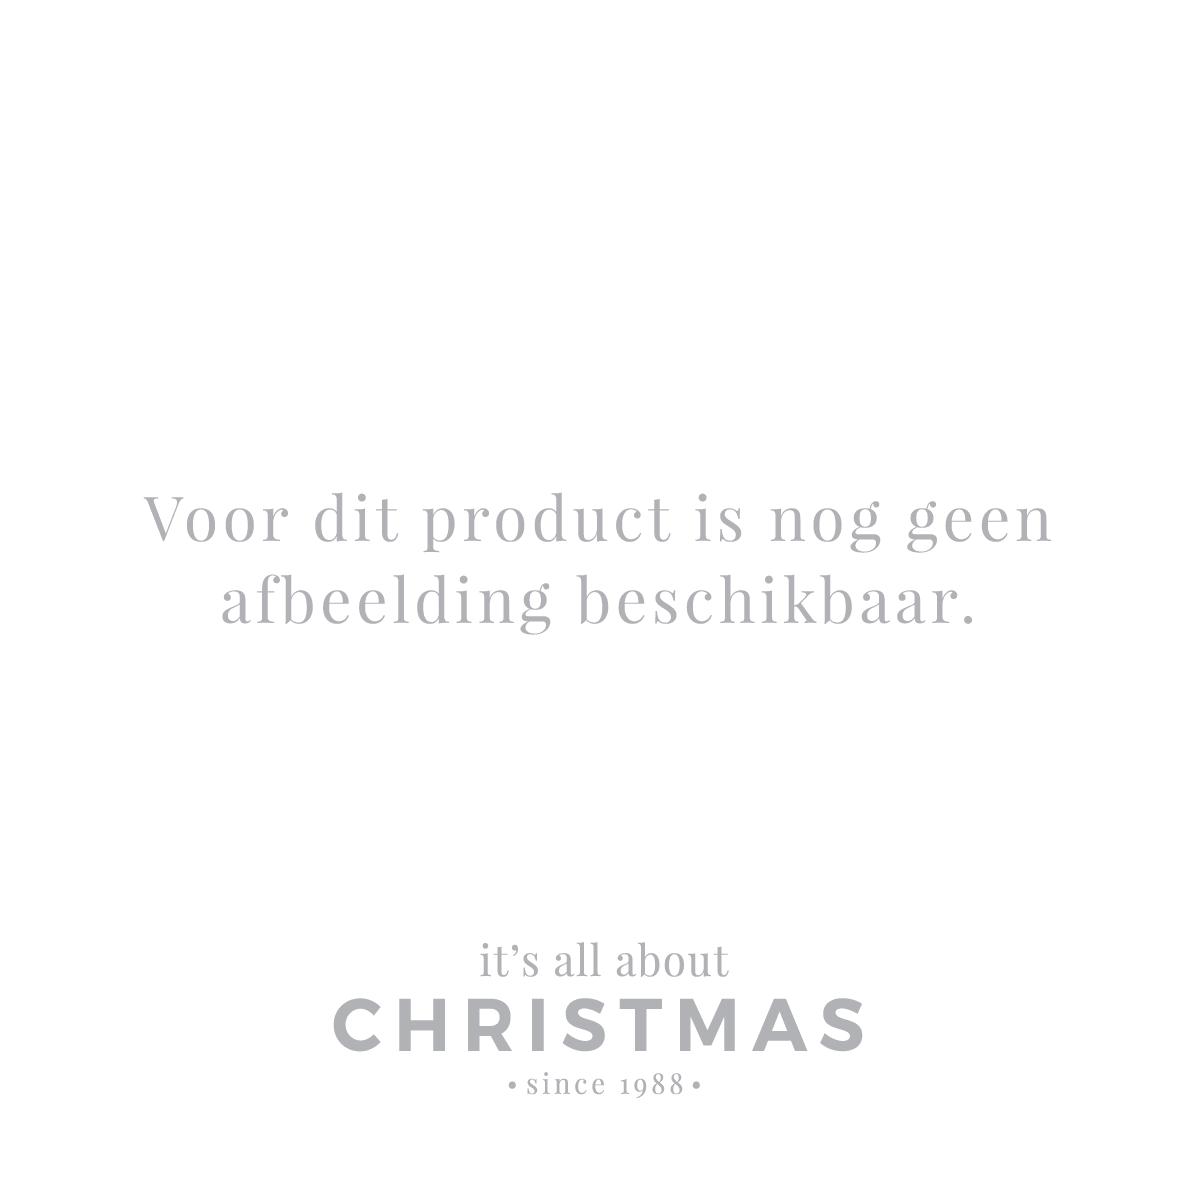 12 Christbaumschmuck Sterne champagner, Kunststoff, 10 cm